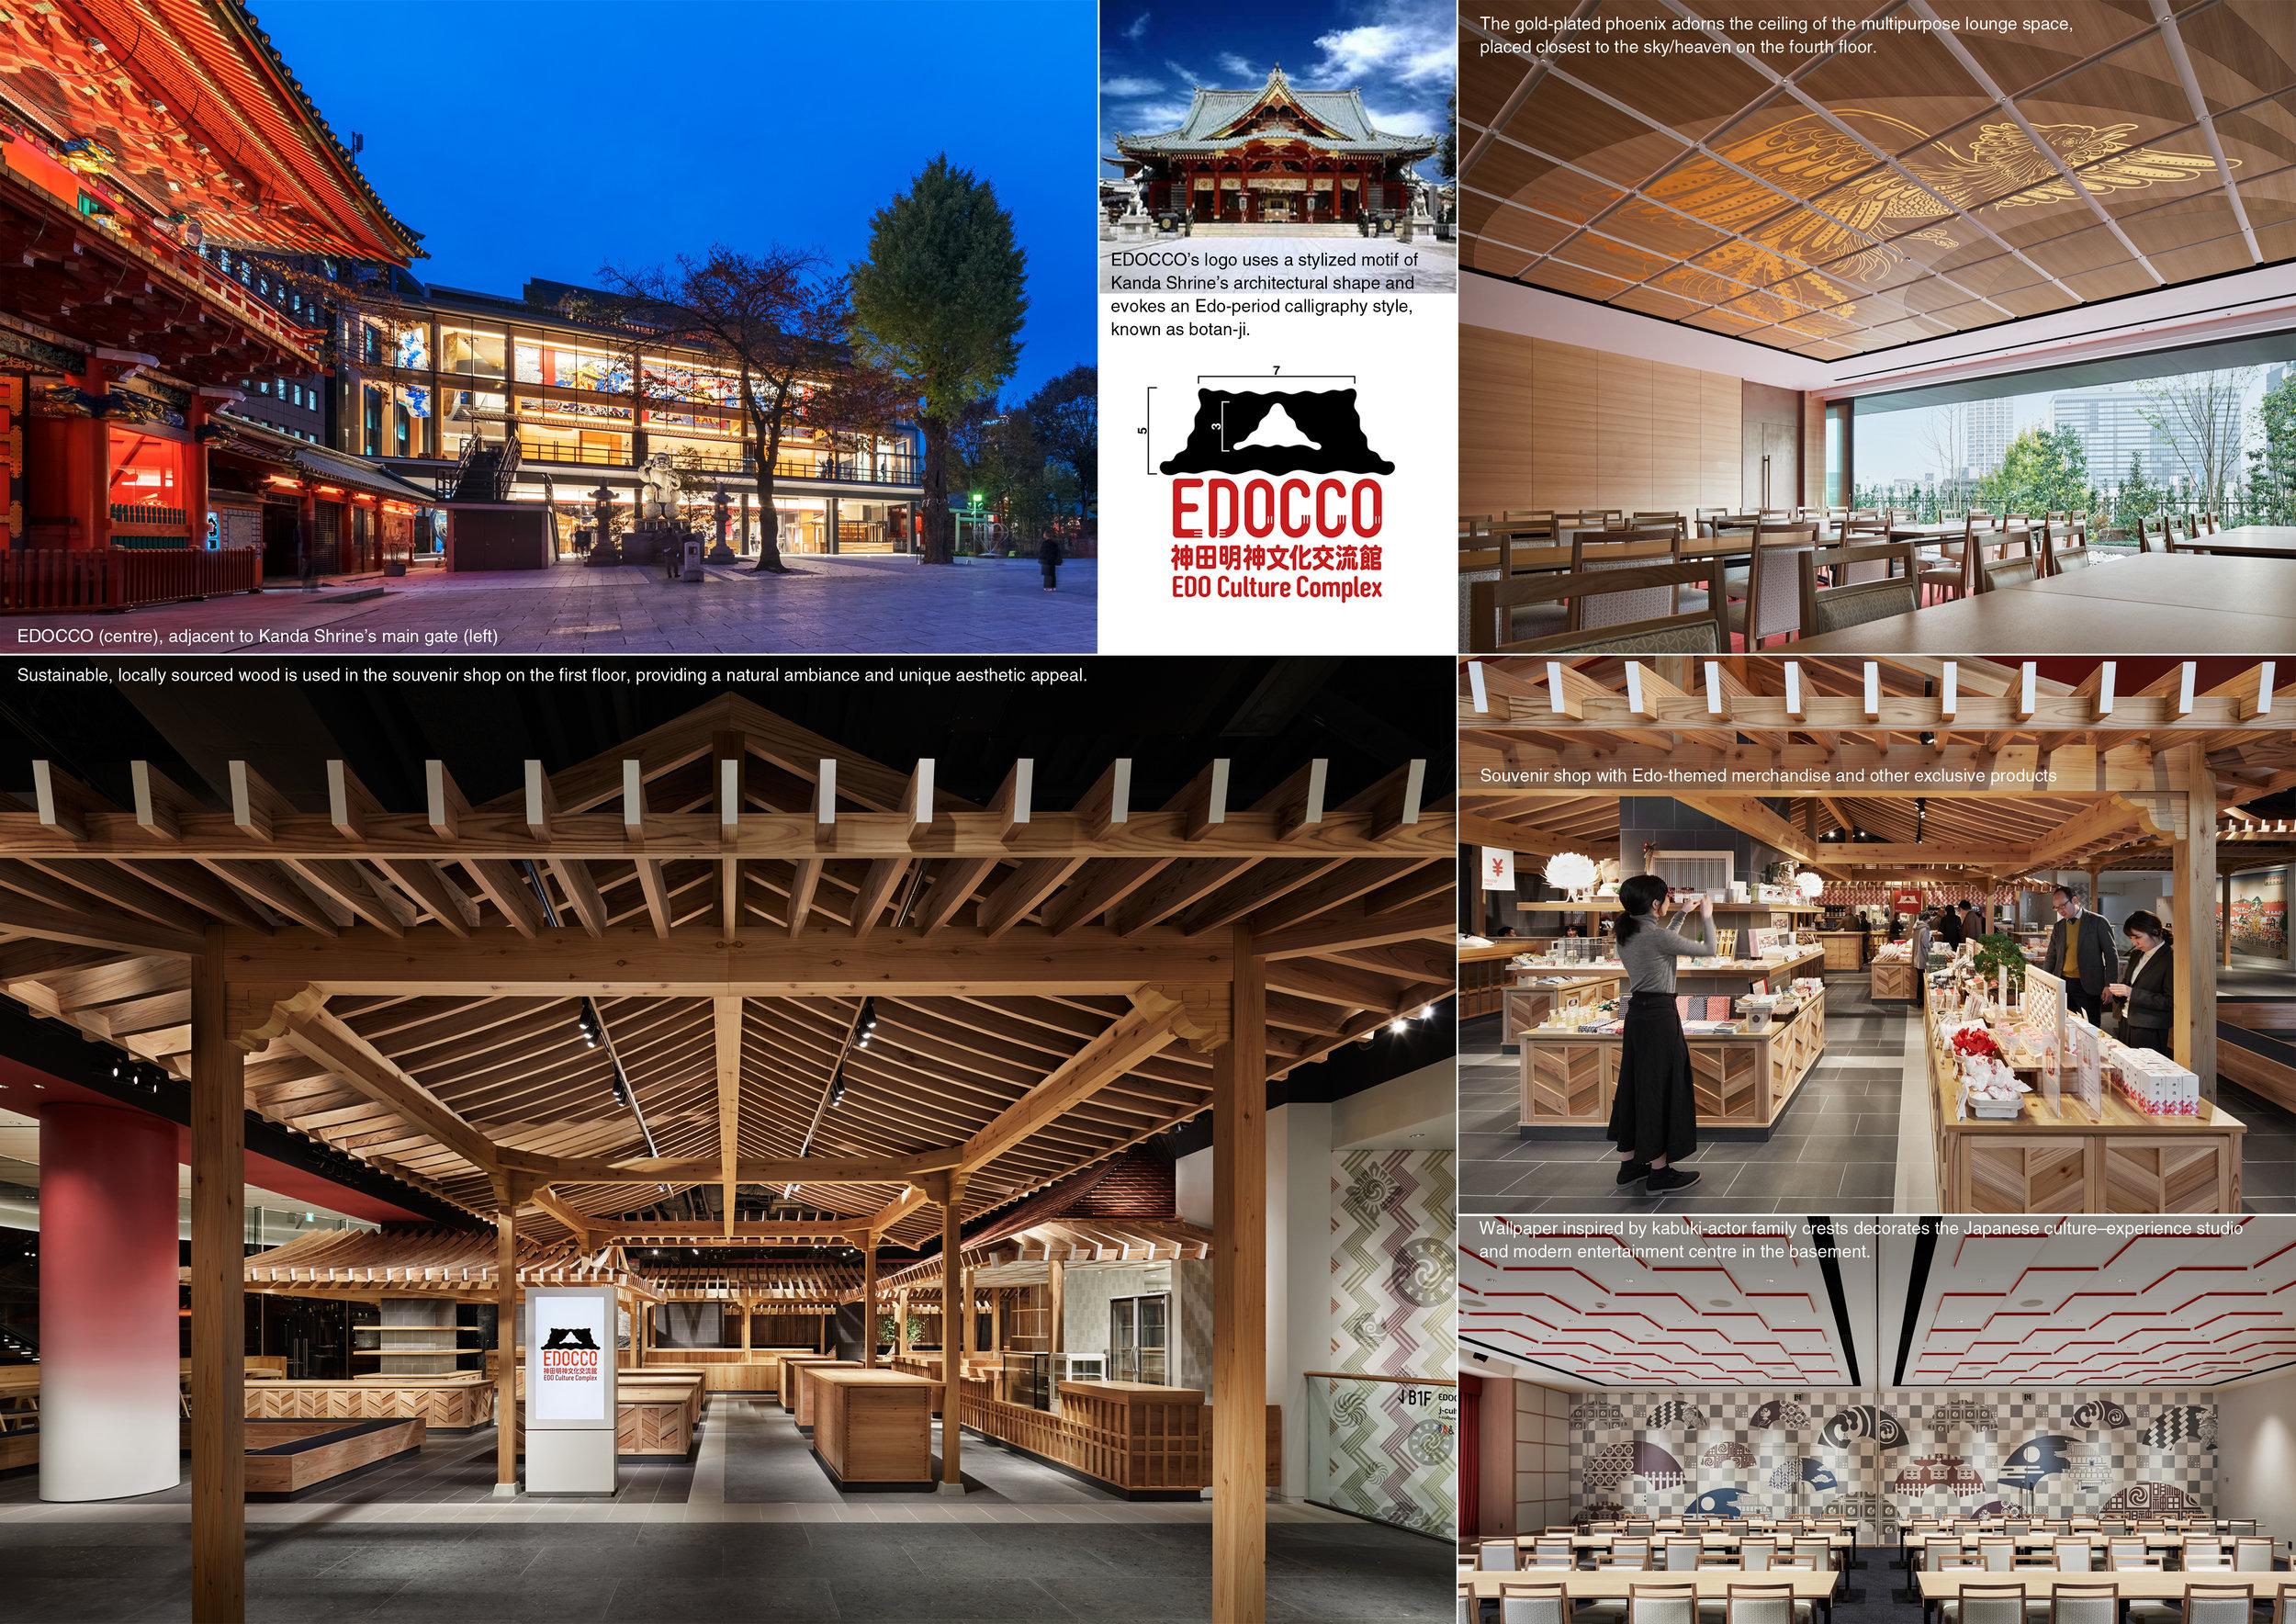 EDOCCO (EDO Culture Complex) - Design by: NOMURA Co., Ltd.Interior Division: InstitutionWebsite: http://www.nomurakougei.co.jp/english/